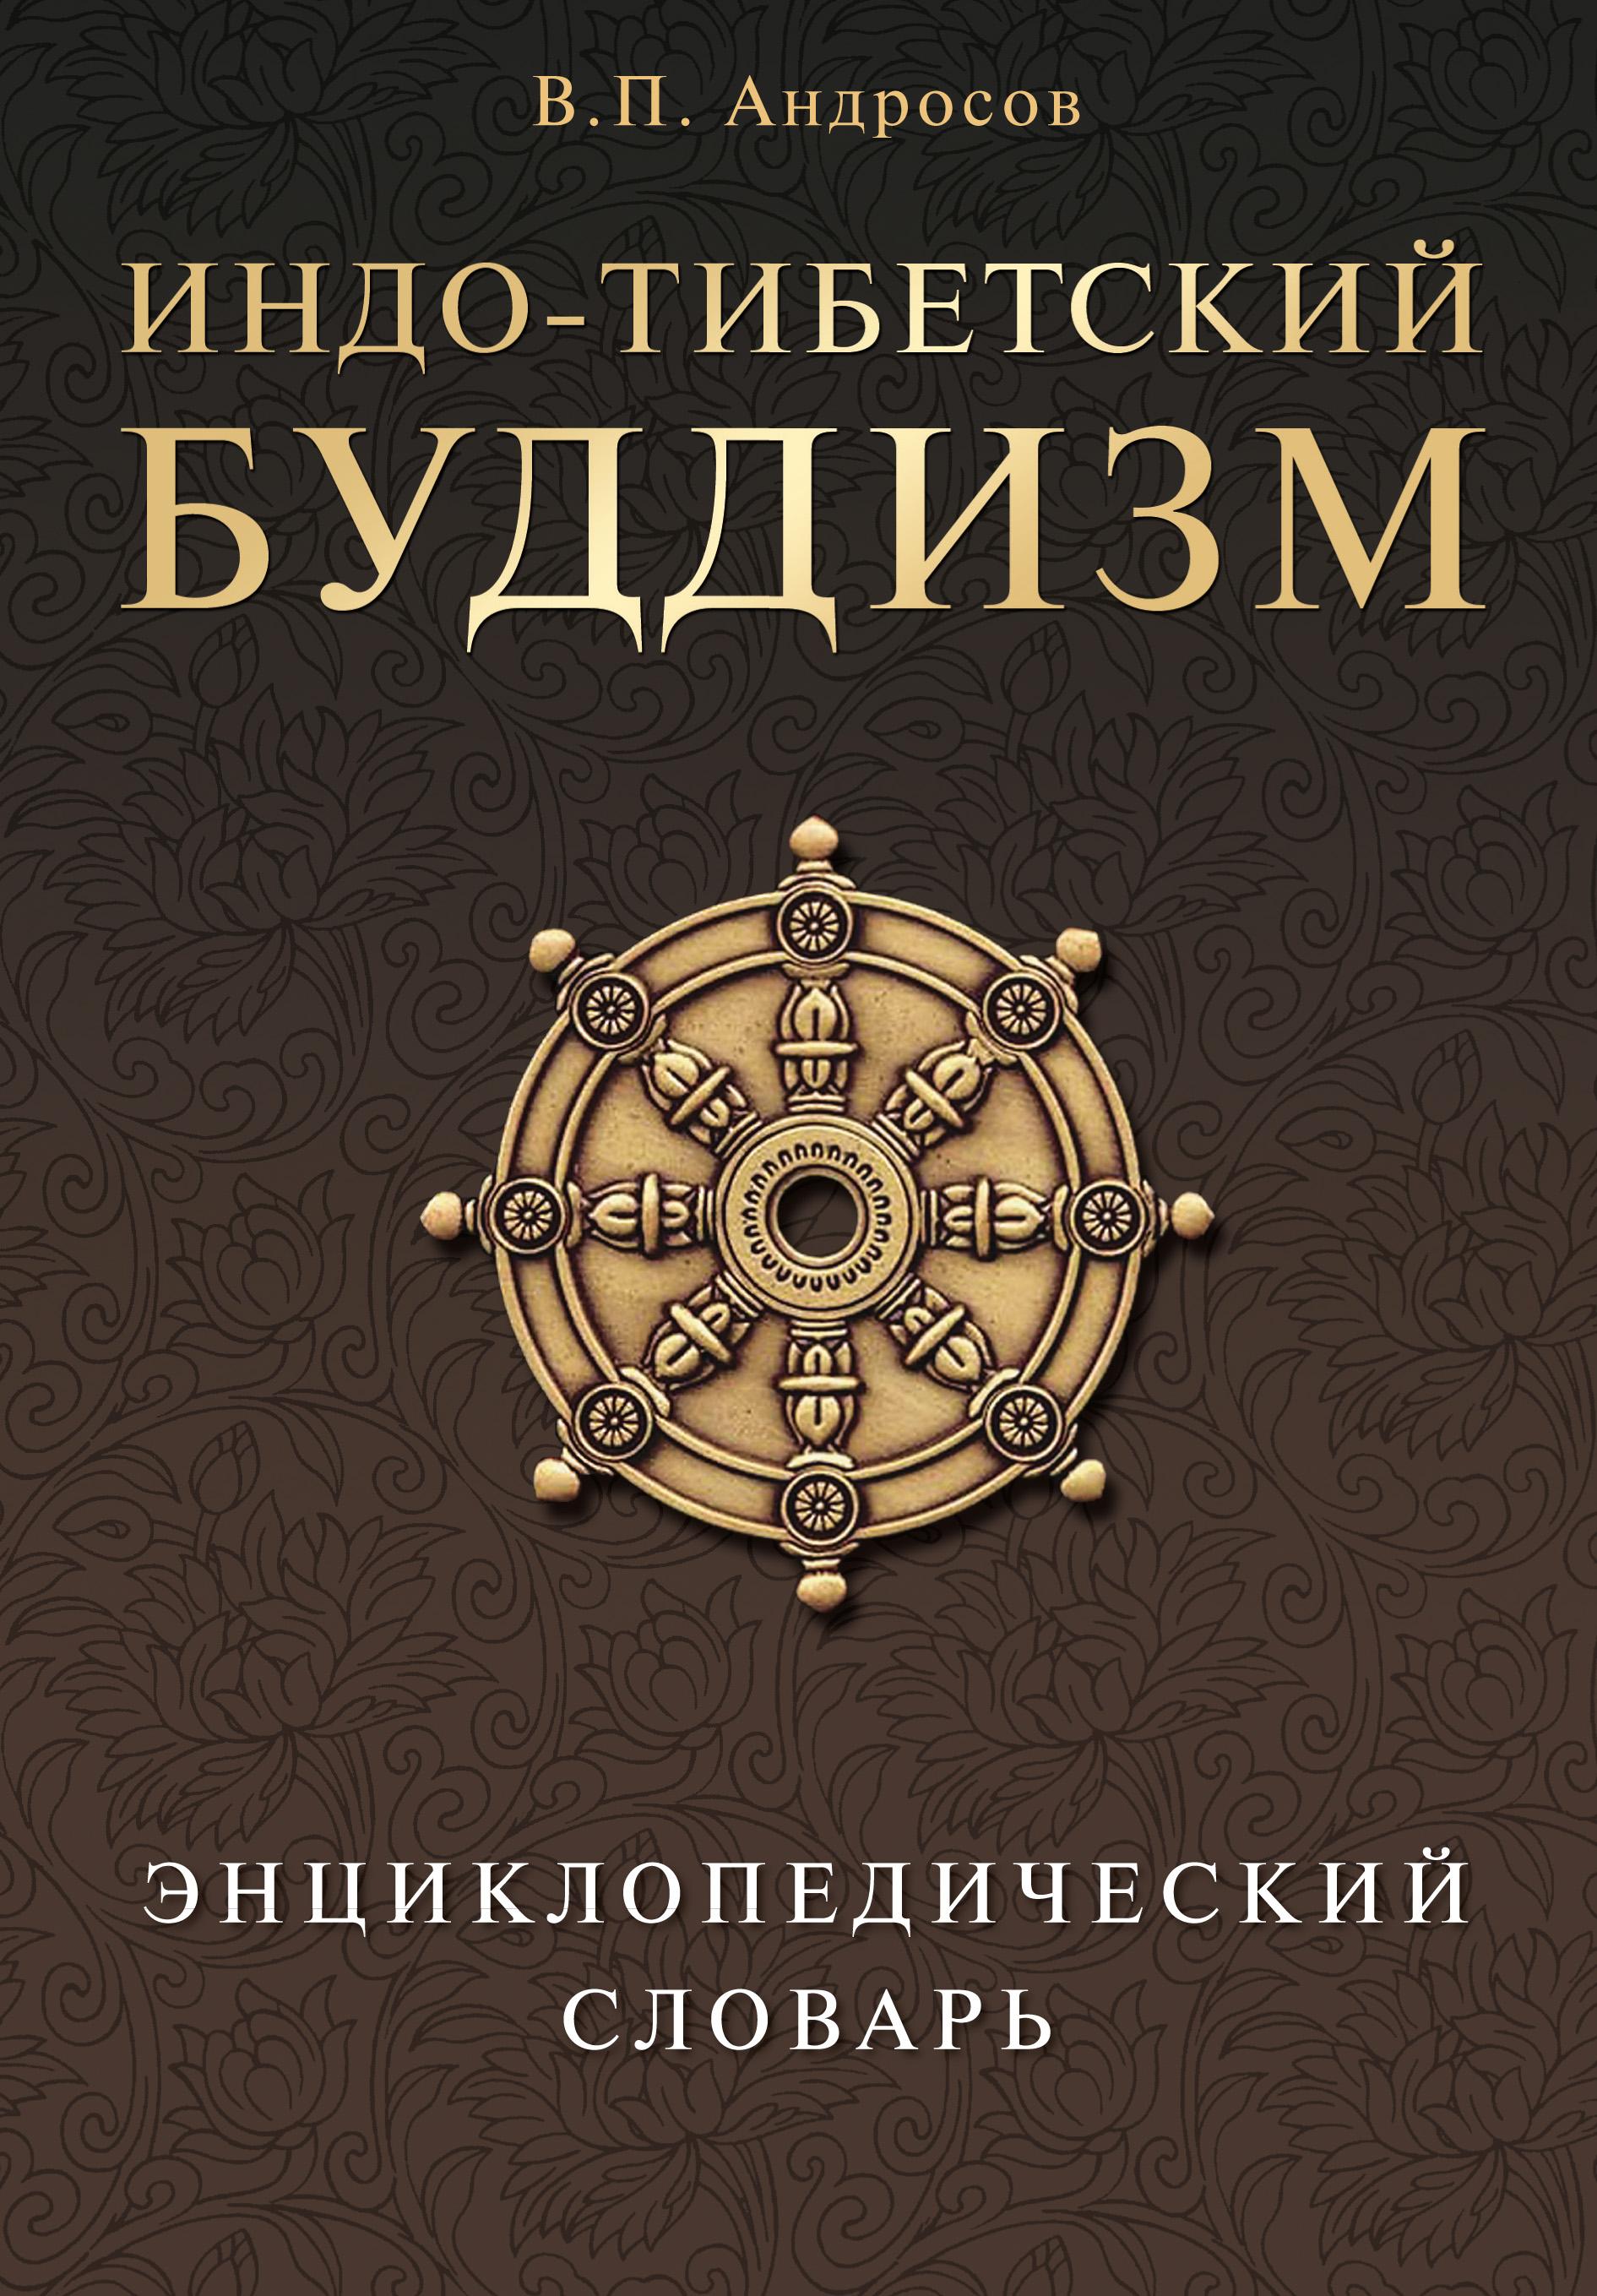 Валерий Андросов Индо-тибетский буддизм. Энциклопедический словарь открытие алмазного пути тибетский буддизм встречается с западом